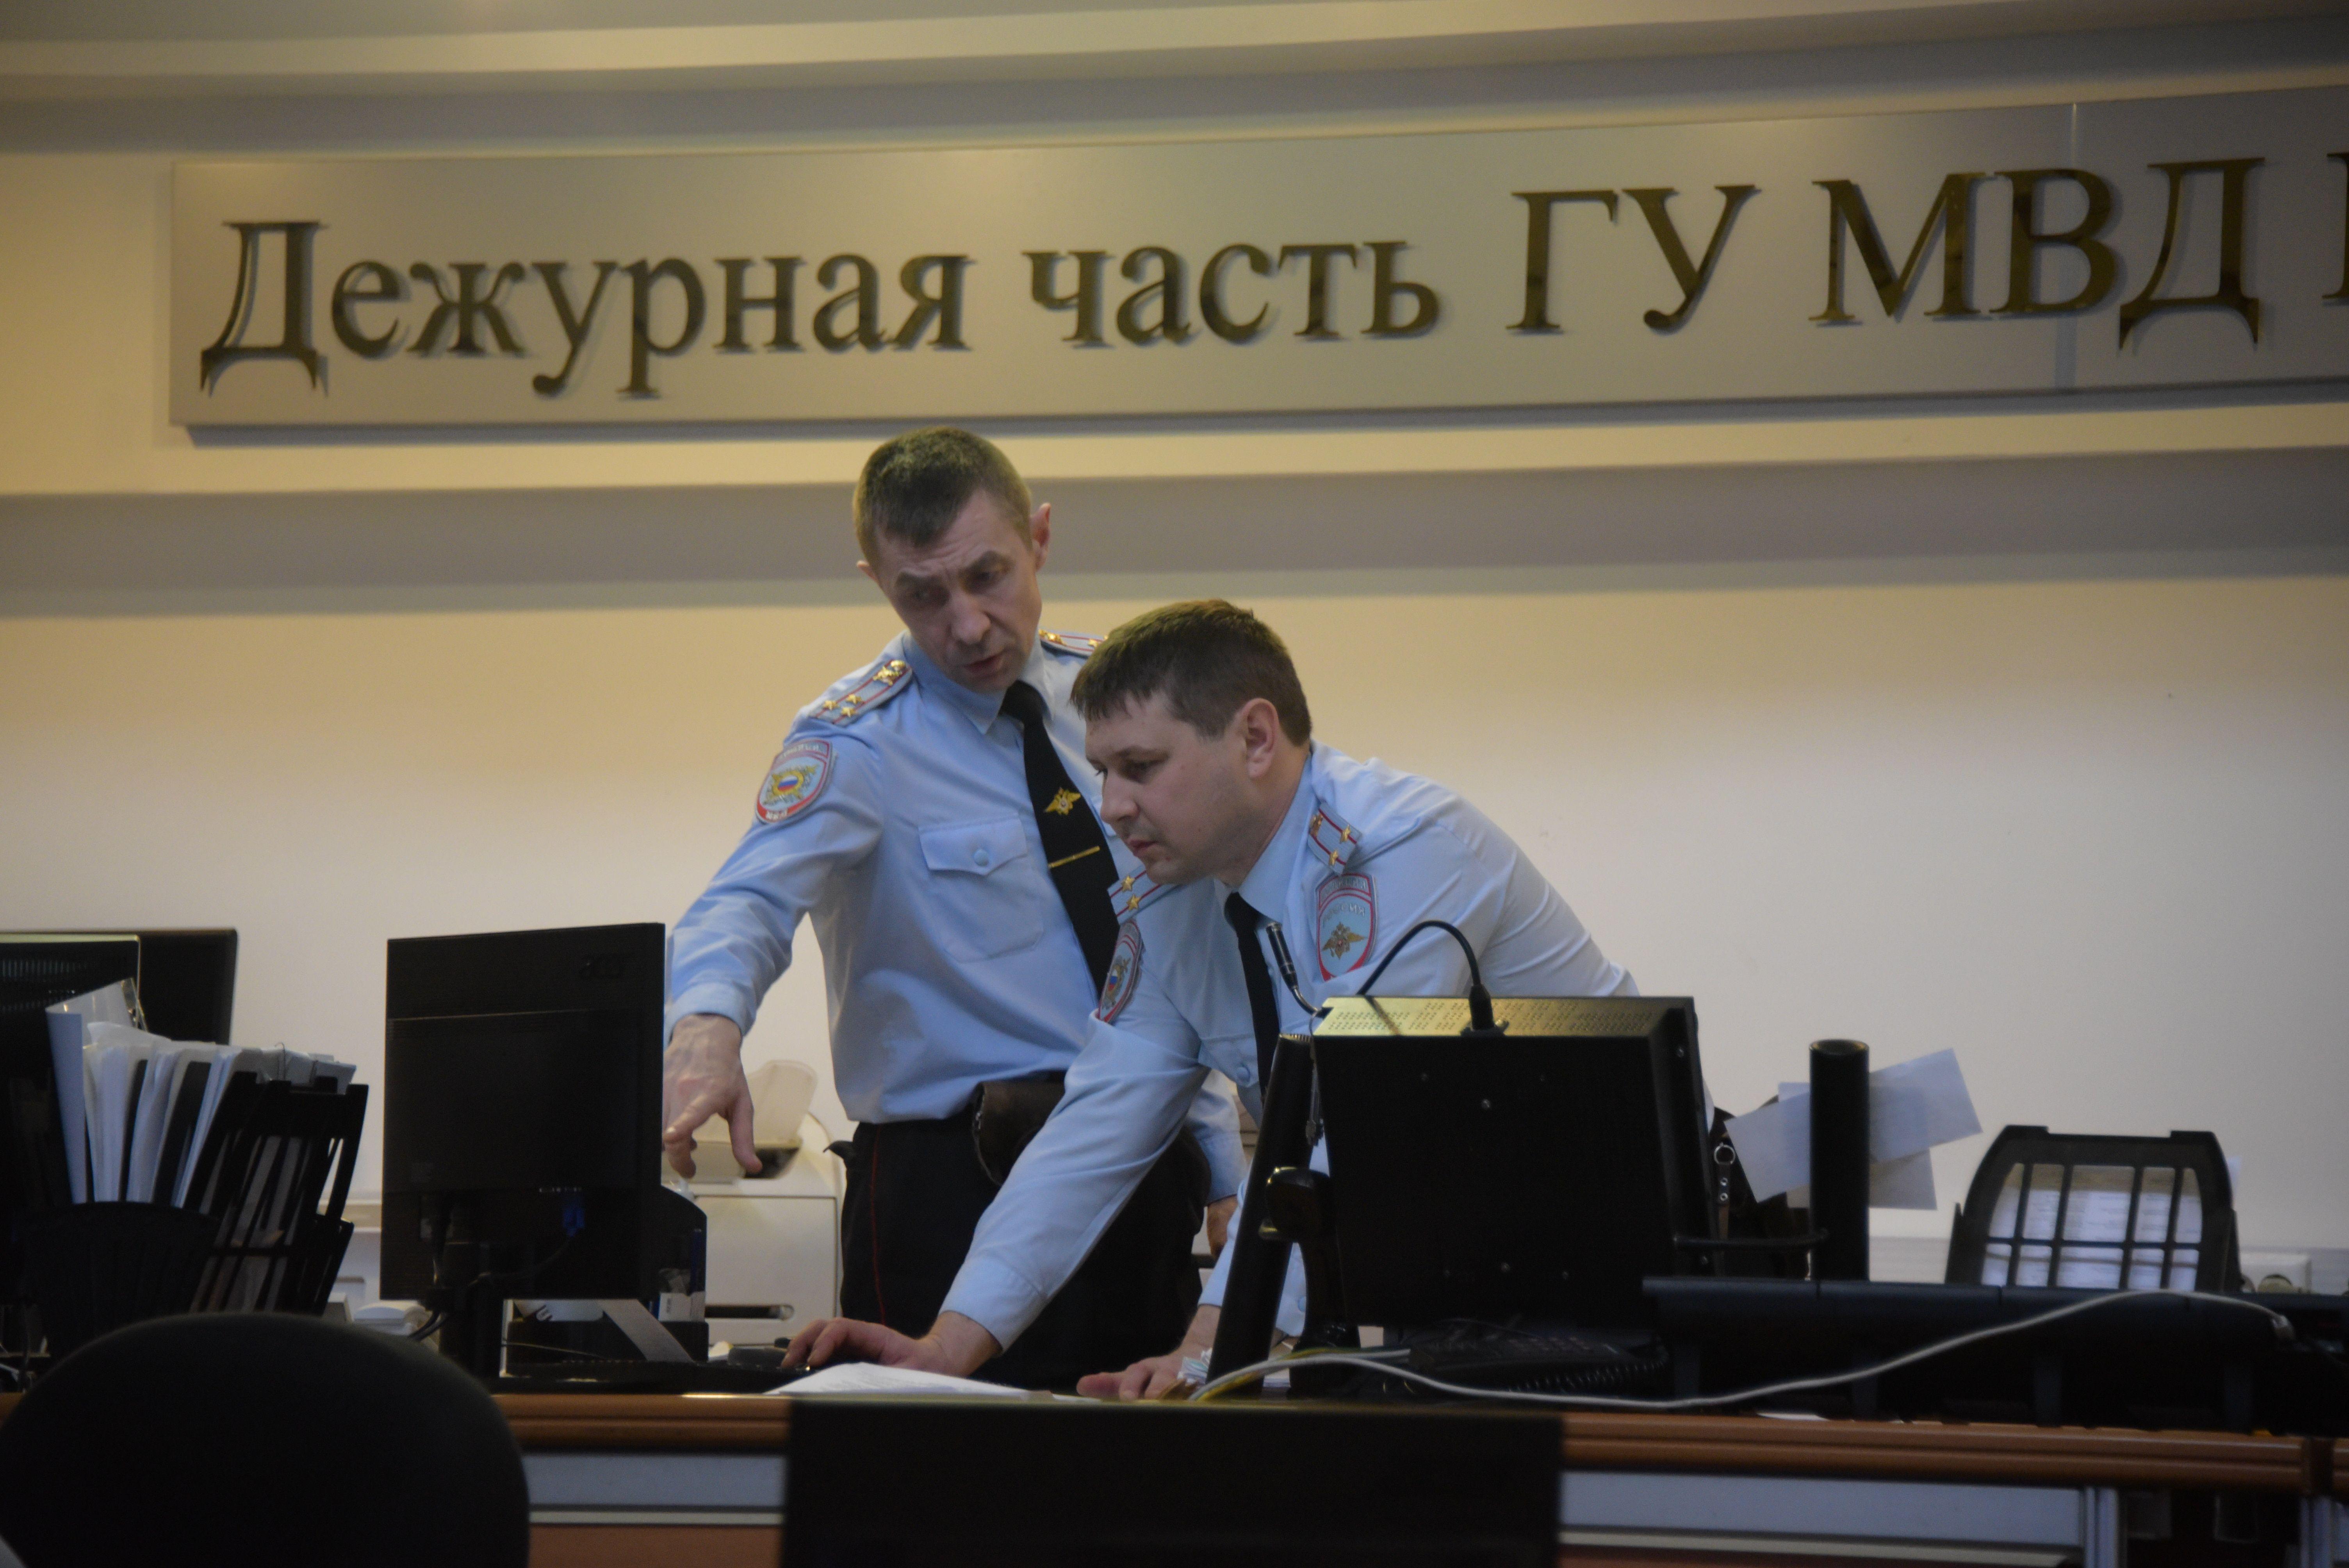 Полиция арестовала подозреваемого в убийстве жителя Новой Москвы